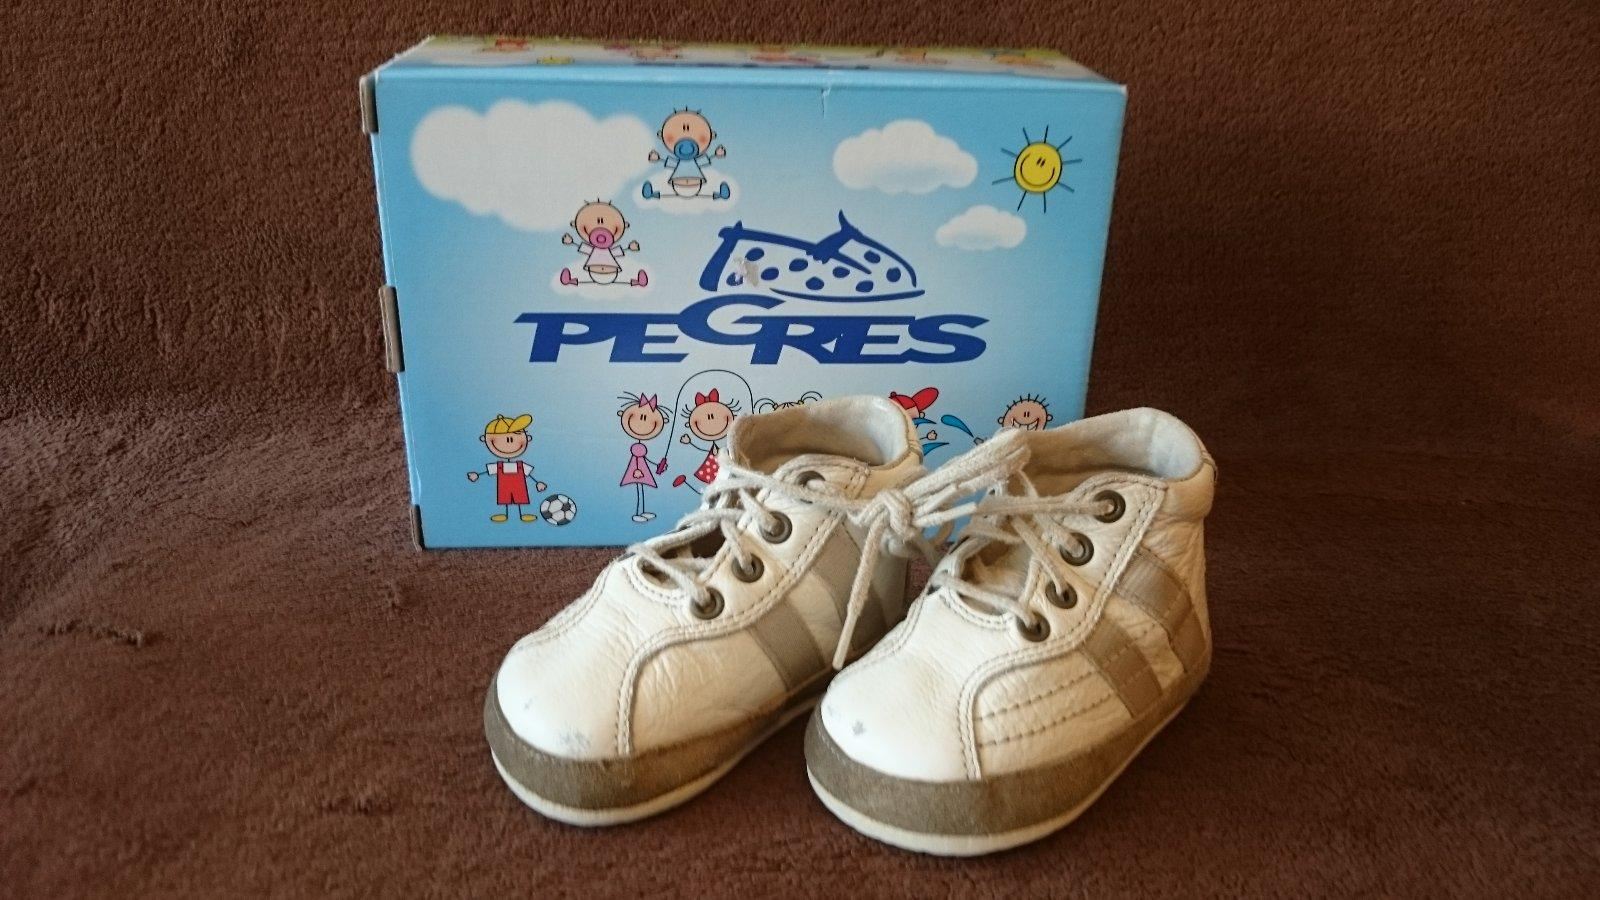 28249efe340f6 Detské topánočky na prvé krôčiky pegres číslo 17, pegres,17 - 10 € od  predávajúcej zajacica2012 | Detský bazár | ModryKonik.sk